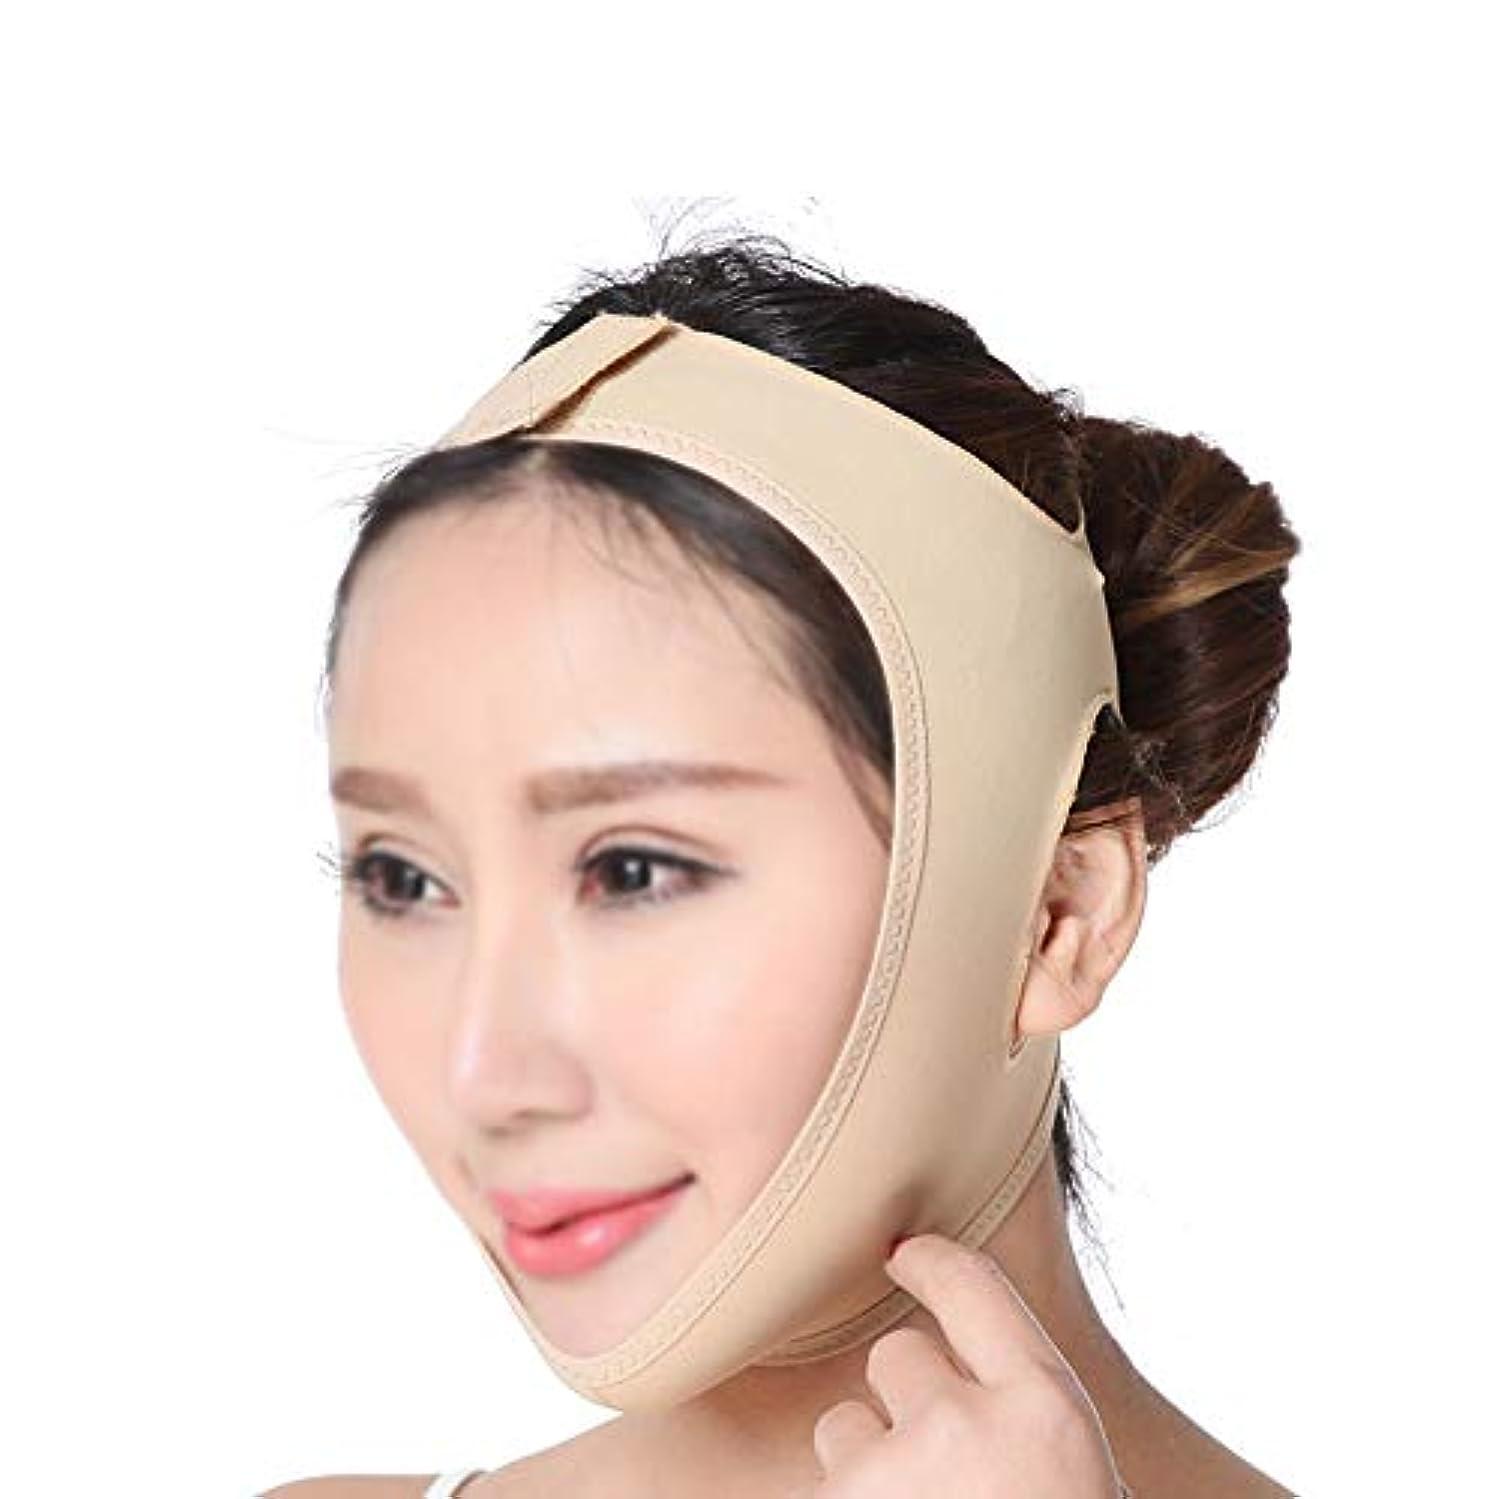 勝利無駄な嘆くTLMY V字型の顔の包帯のマスクを作成するために二重あごの顔の持ち上がる引き締めモードを細くする薄い顔の包帯の薄い顔 顔用整形マスク